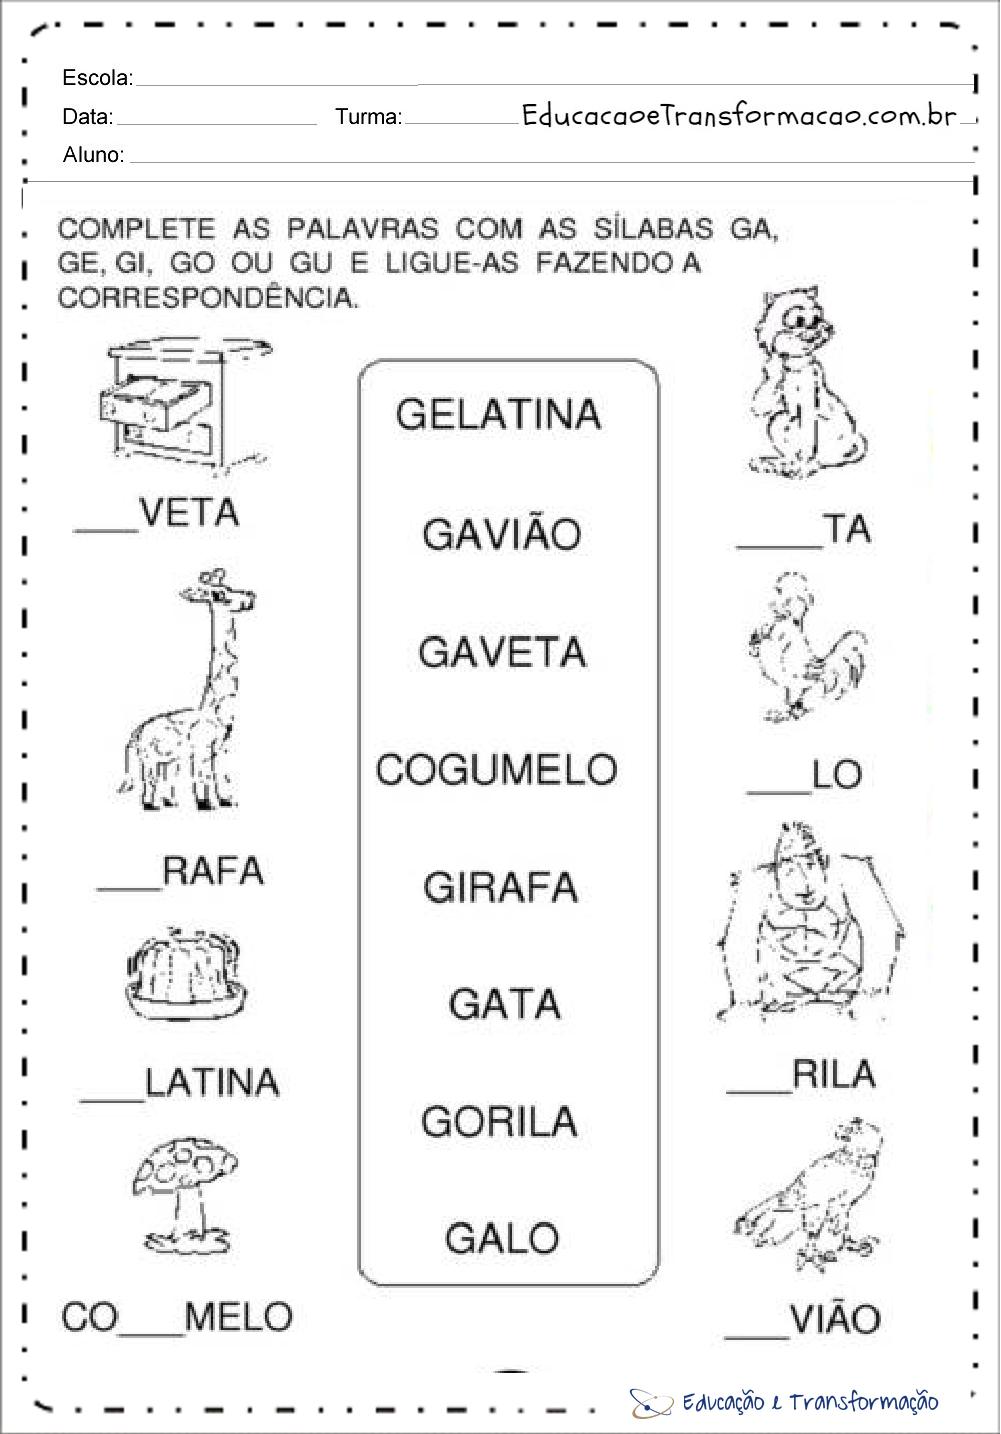 Amado Atividades com a letra G para alfabetização - Atividades Educativas QO22